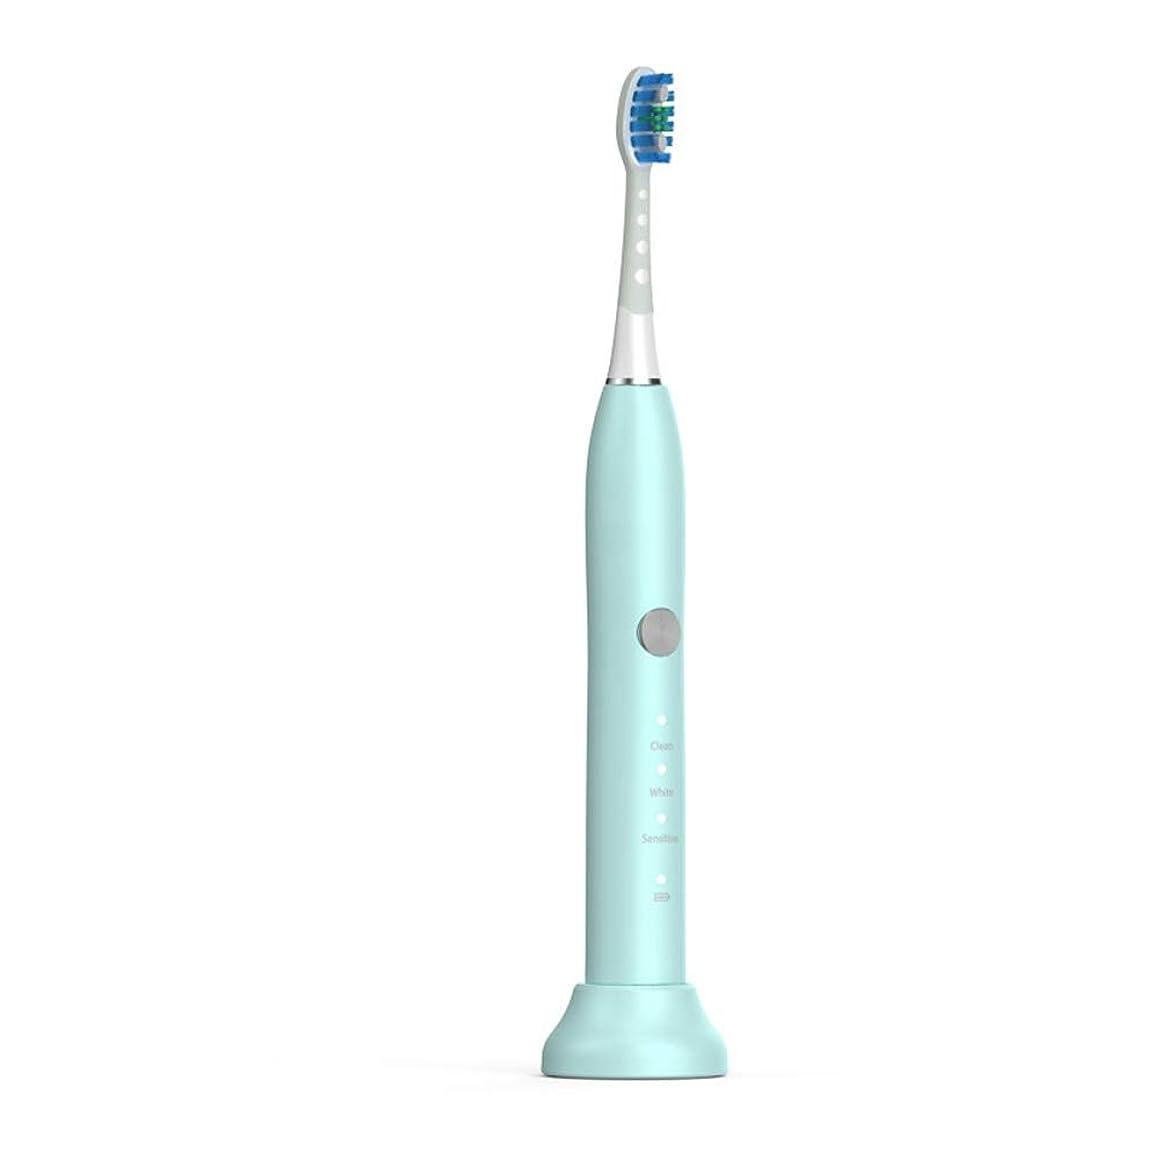 腐食する愛国的な踊り子USB充電ベースホルダー付き電動歯ブラシ柔らかい髪の保護用清潔な歯ブラシ歯科医推奨 完全な口腔ケアのために (色 : 緑, サイズ : Free size)